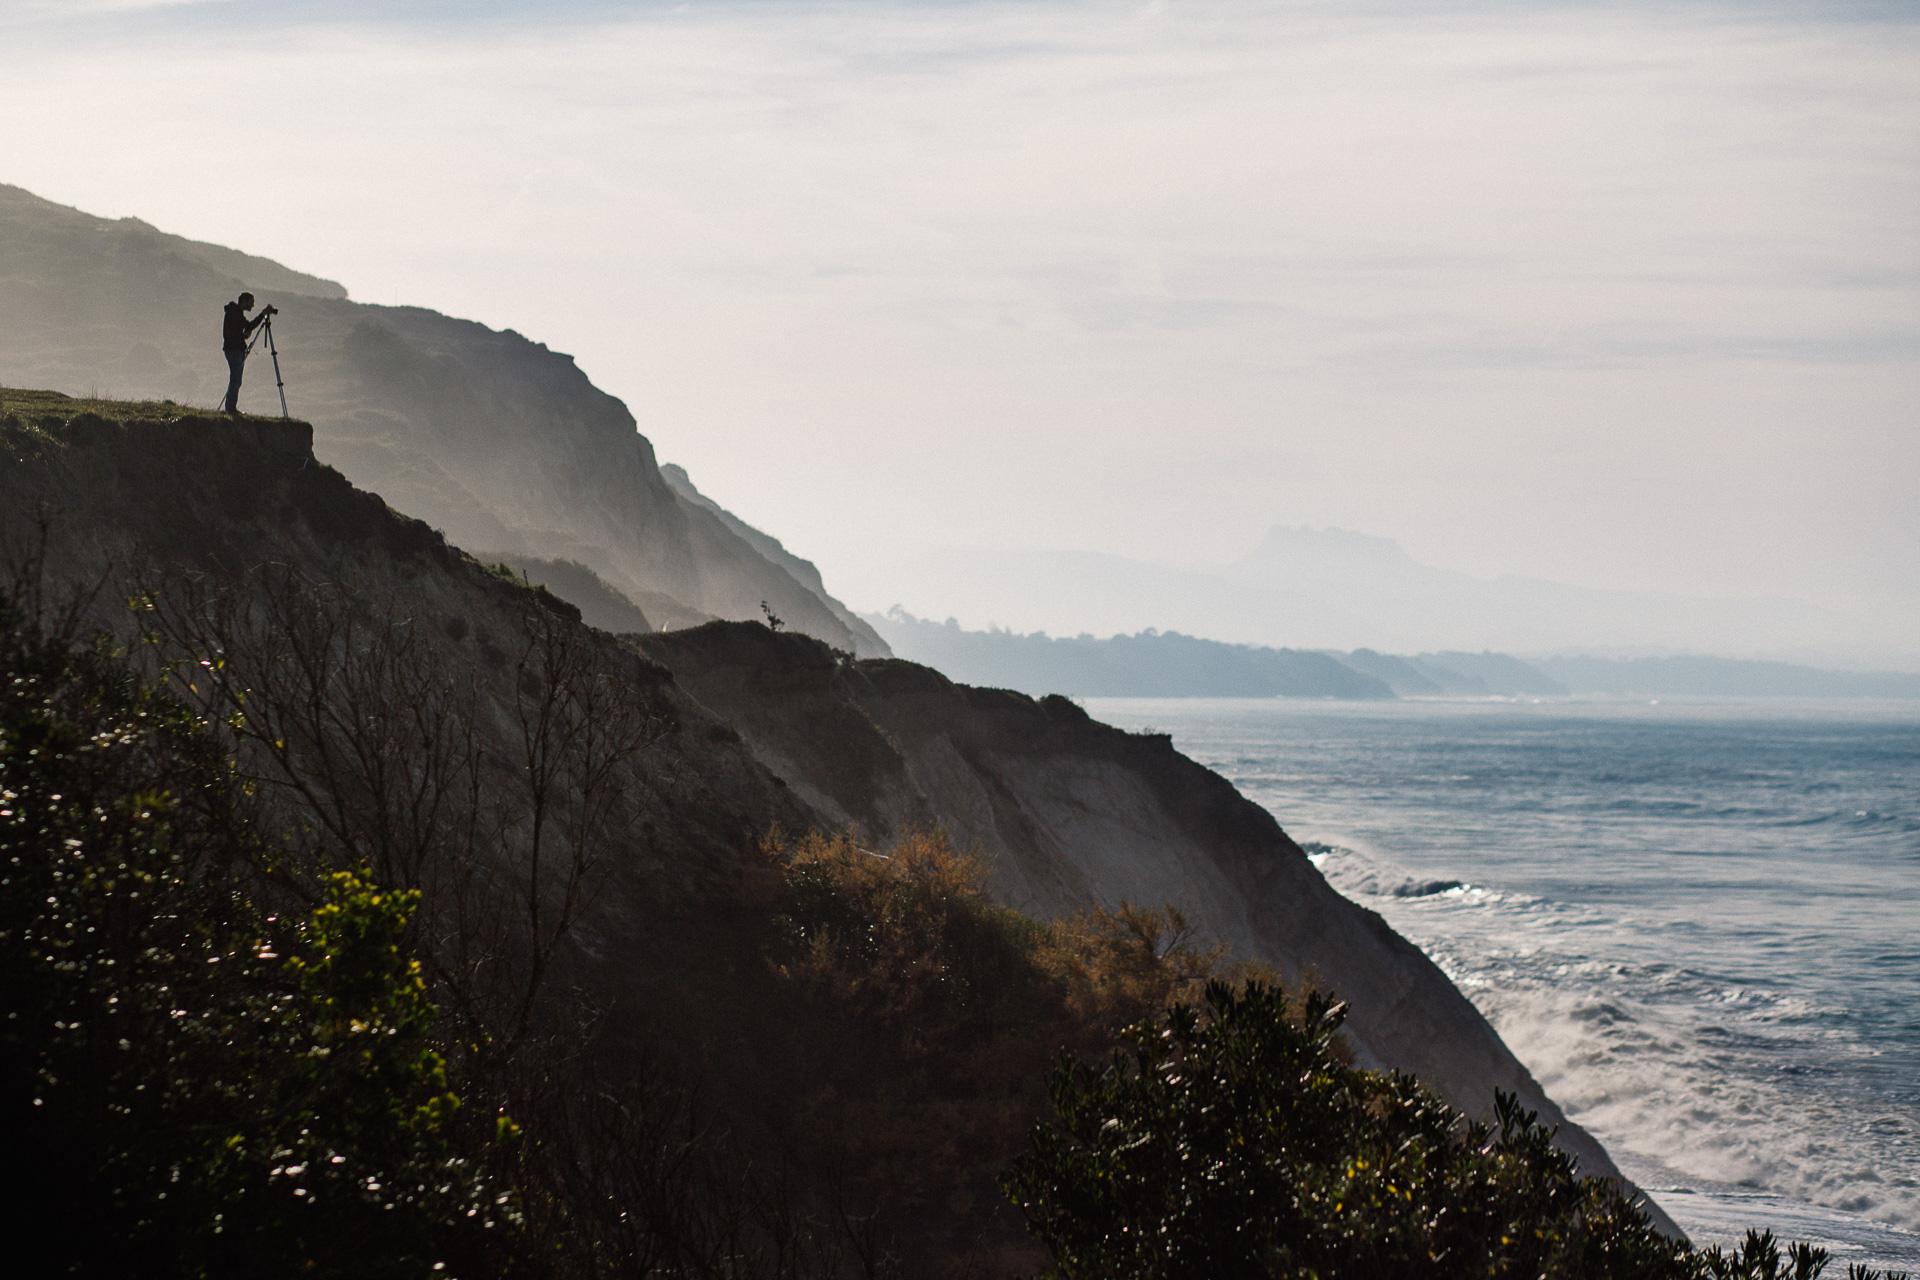 Damien-Dohmen-photographe-Ocean-32